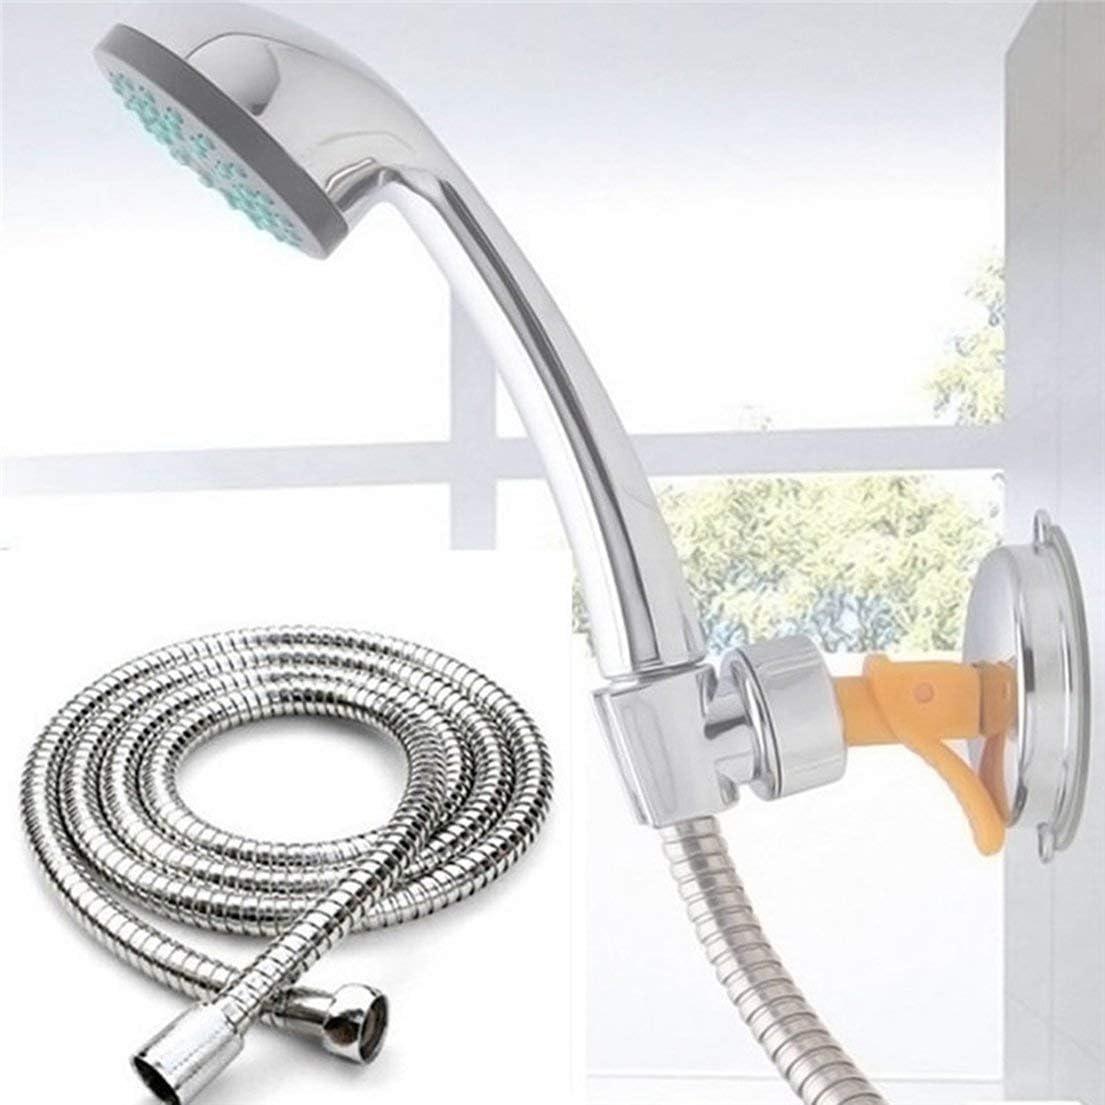 couleur: argent DF-FR Tuyau flexible de salle de bains en acier inoxydable de tube de douche de plomberie durable avec r/ésistance /à hautes temp/ératures